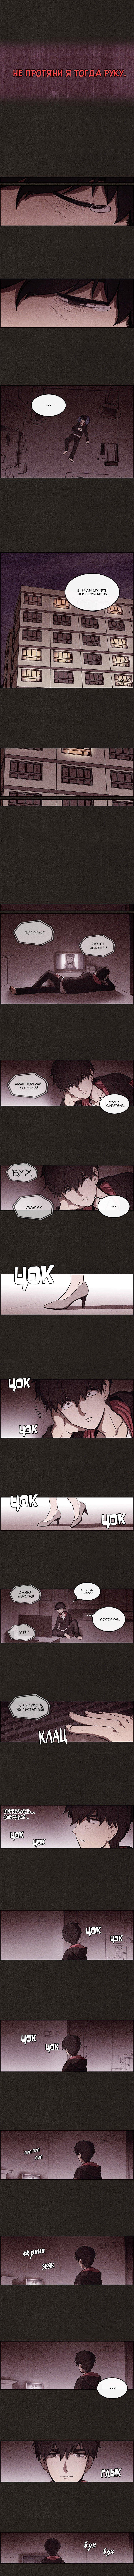 Манга Милый дом / Sweet Home (HWANG Youngchan) - Том 1 Глава 2 Страница 4